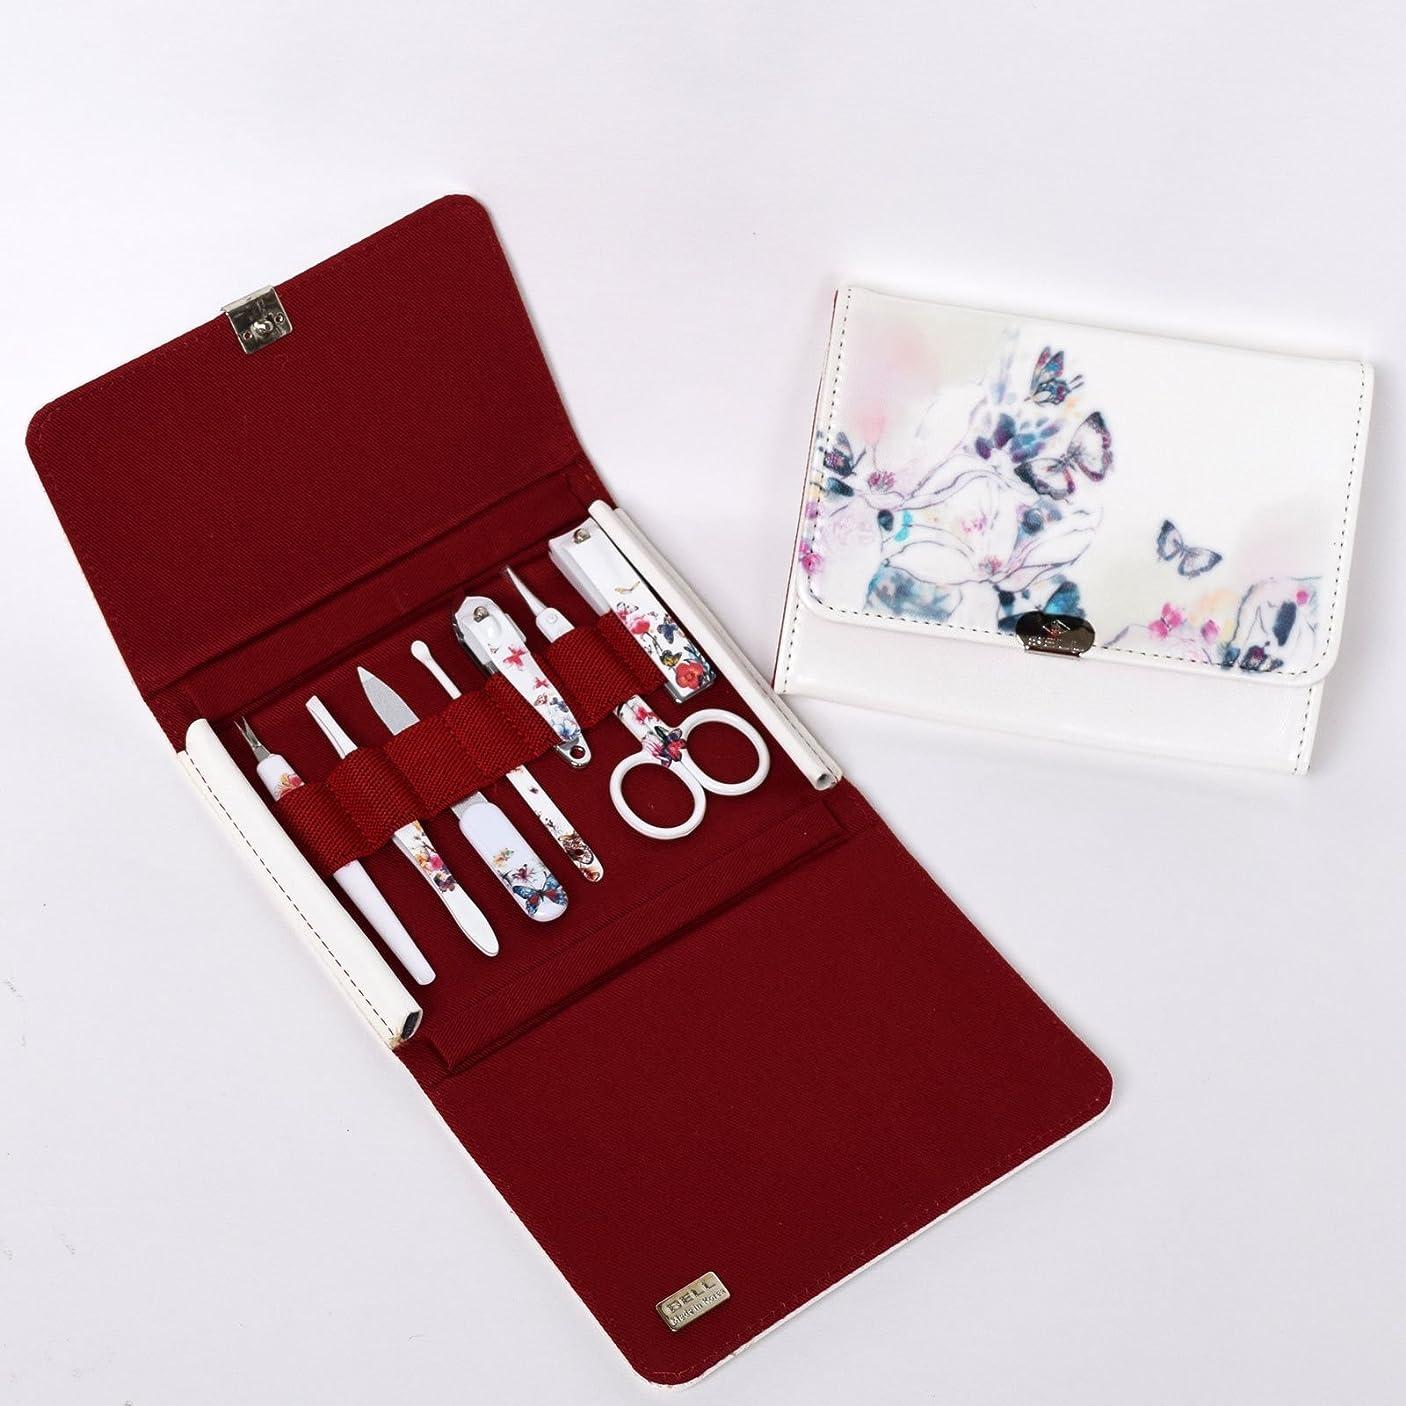 励起自分フォルダBELL Manicure Sets BM-270 ポータブル爪の管理セット 爪切りセット 高品質のネイルケアセット高級感のある東洋画のデザイン Portable Nail Clippers Nail Care Set